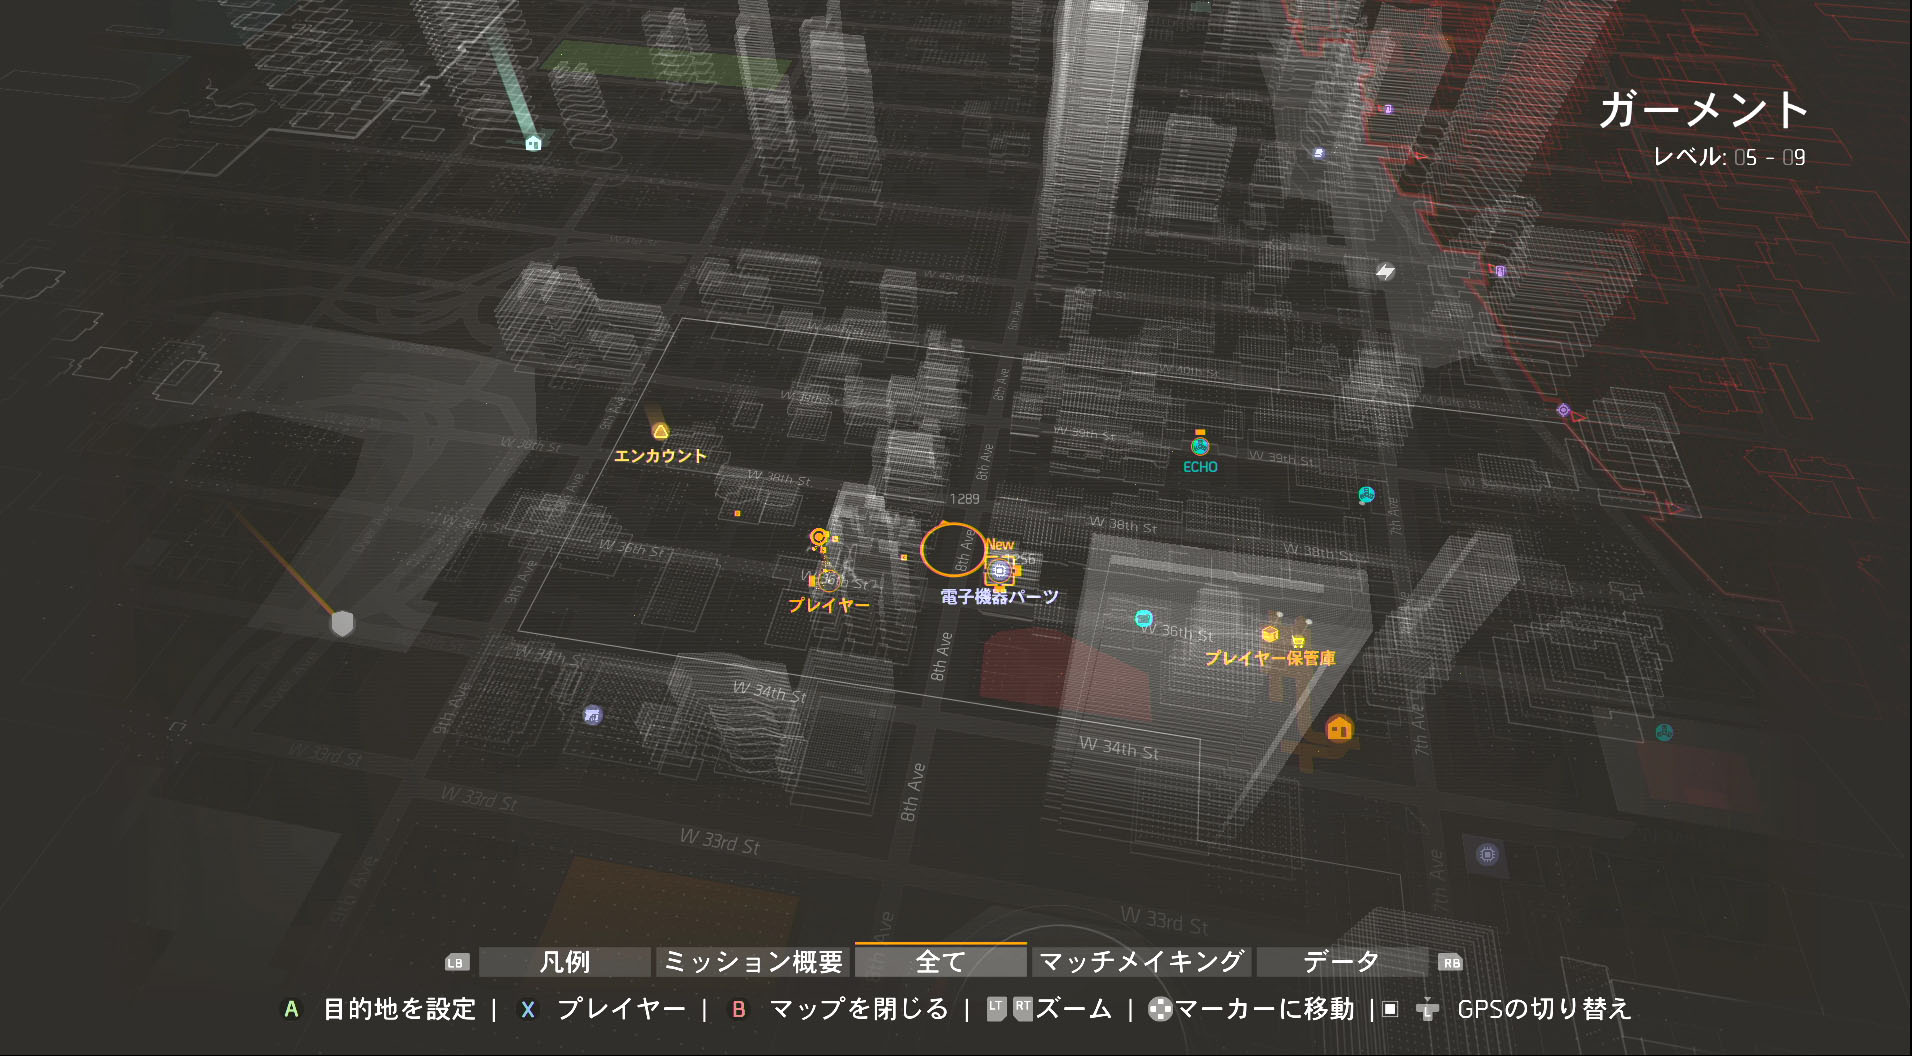 マップ画面。広大なニューヨークを探索していく。プレイでは移動が多めだ